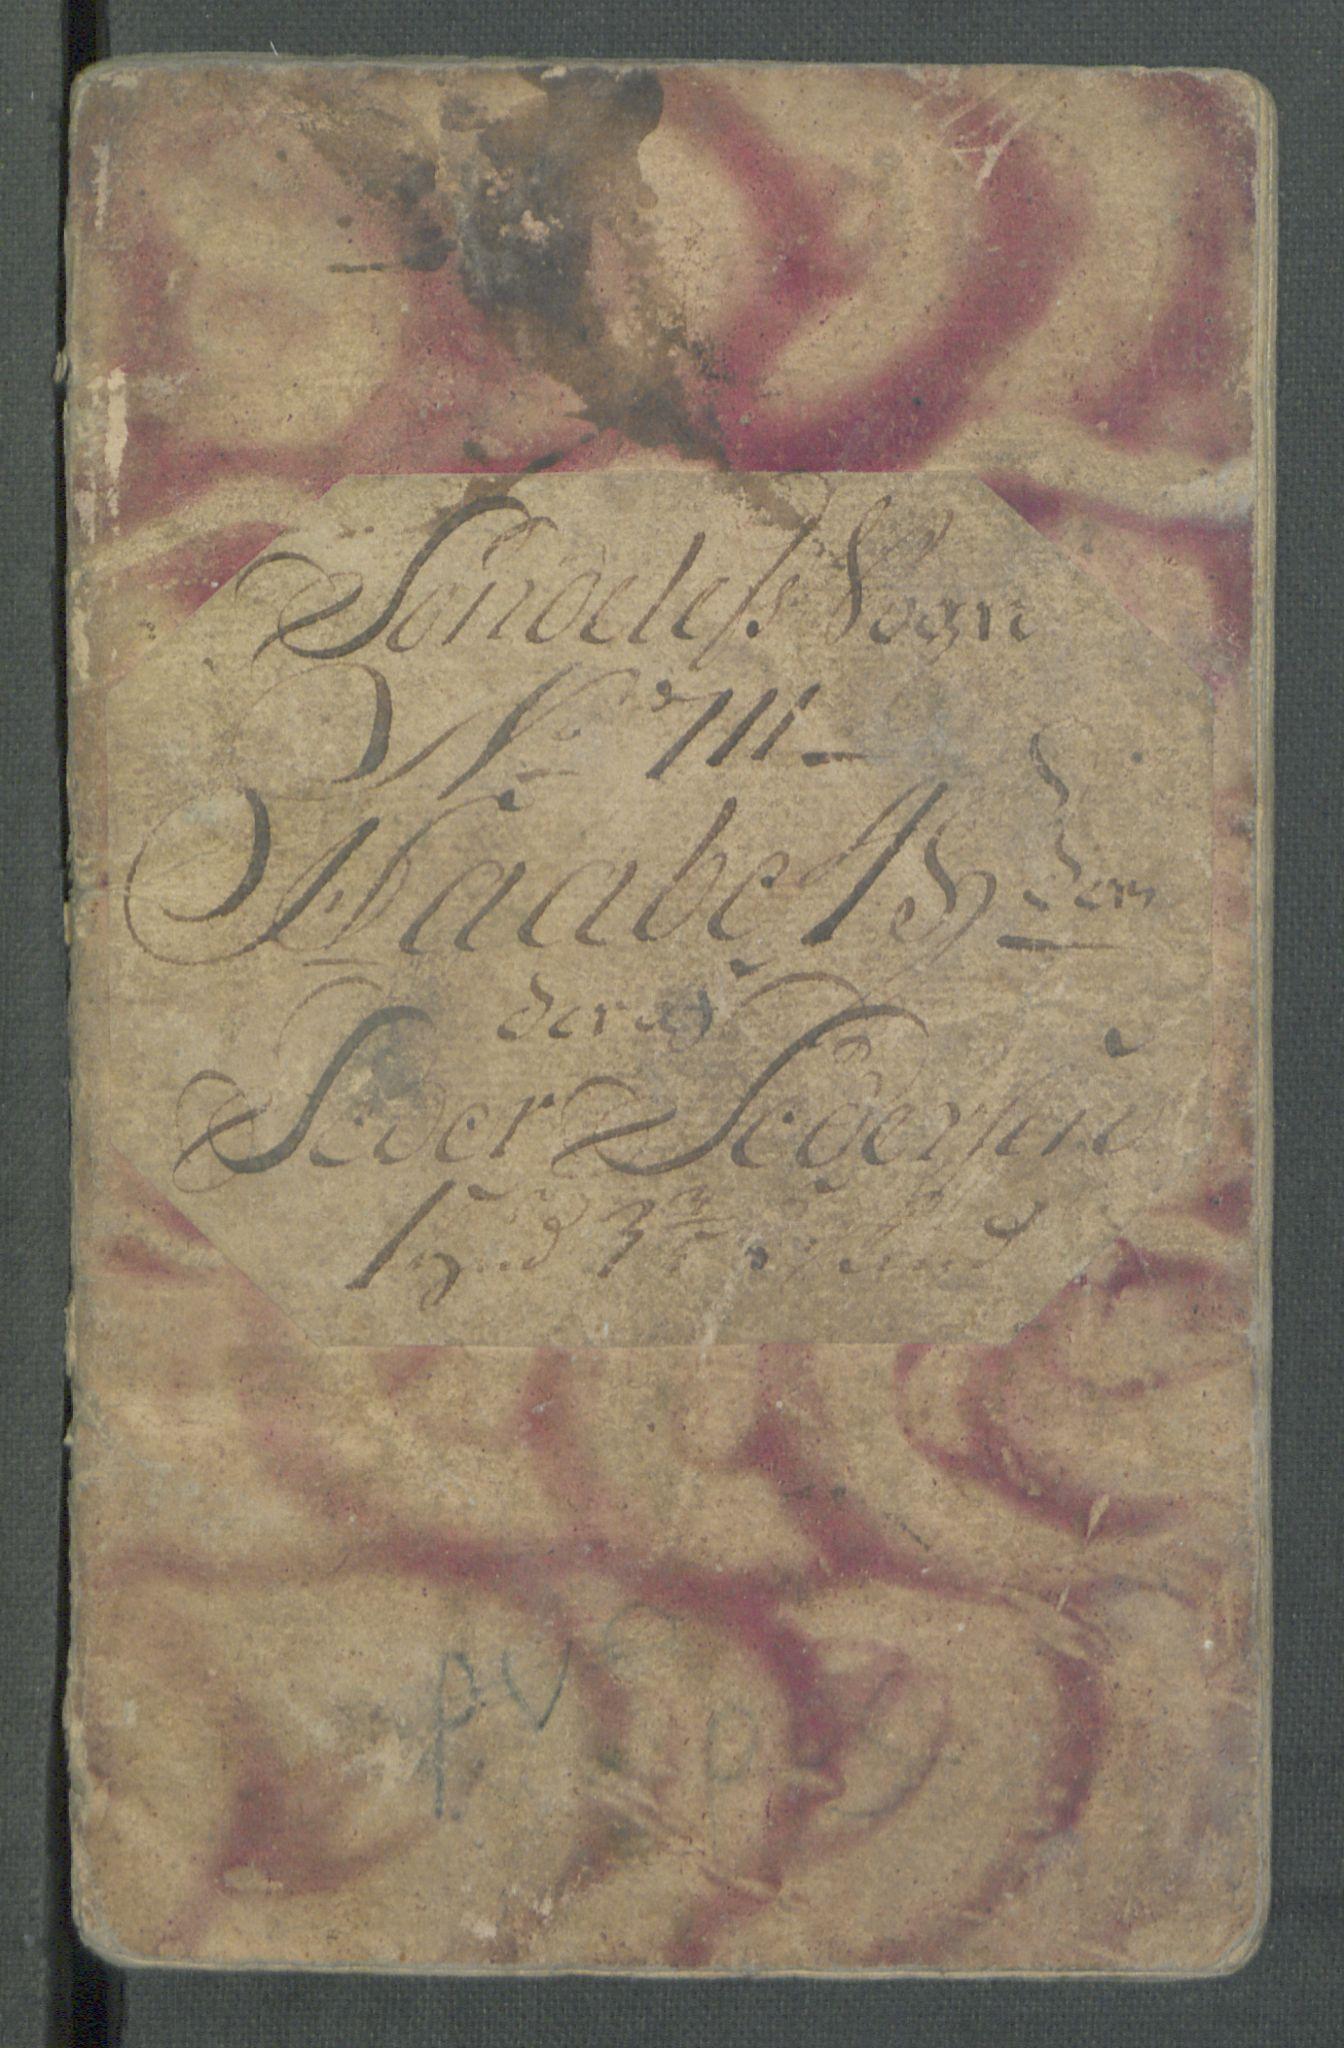 RA, Rentekammeret inntil 1814, Realistisk ordnet avdeling, Od/L0001: Oppløp, 1786-1769, s. 564